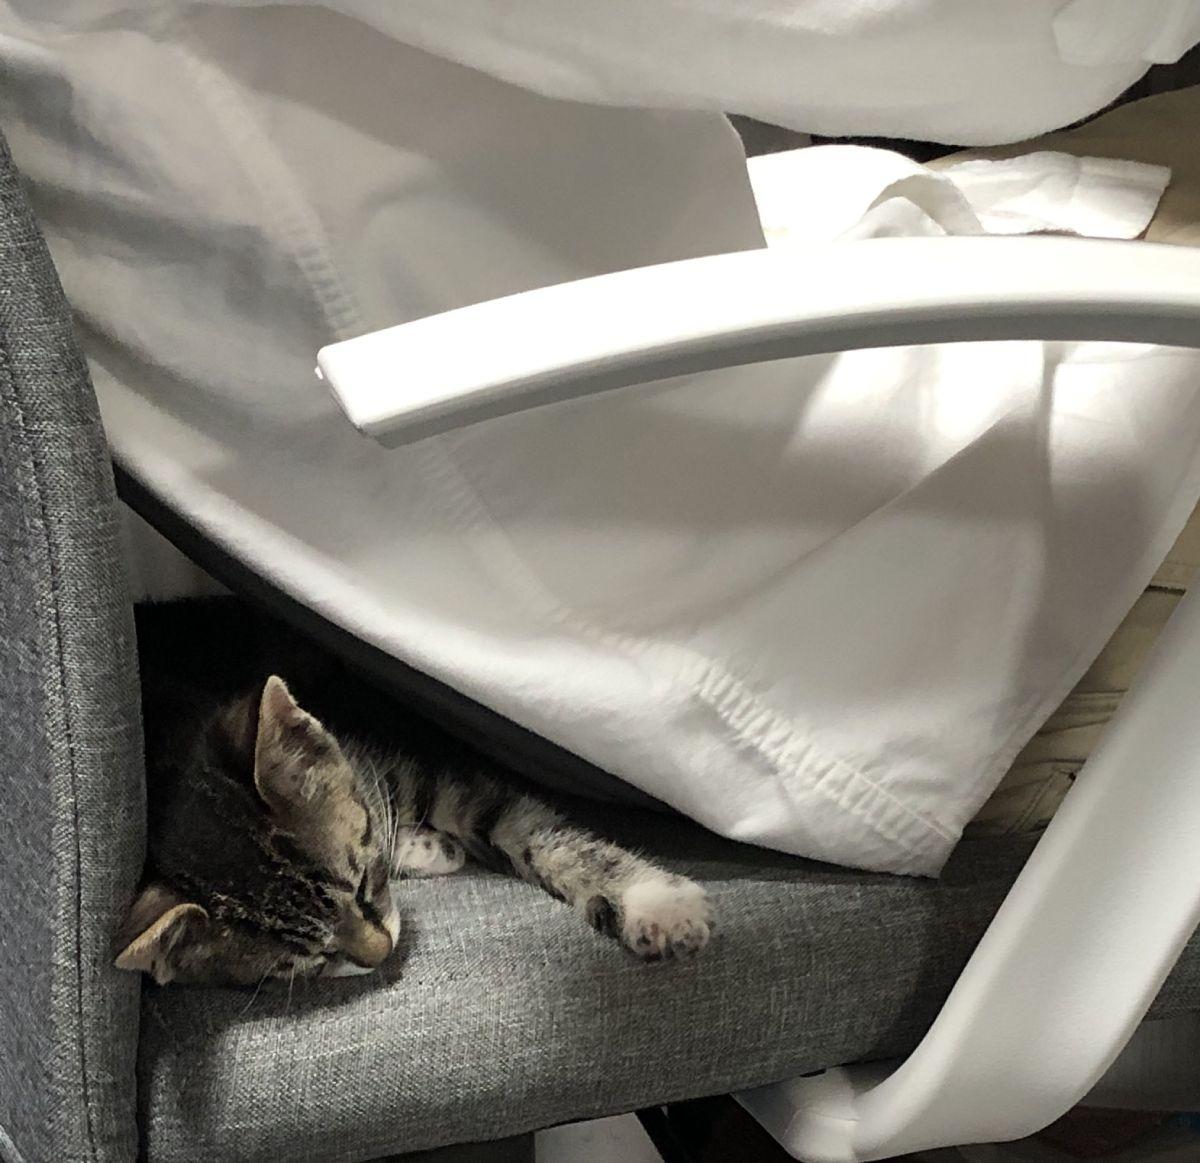 疲れたら仕事中の飼い主の夫の背中で眠りにつくのがお気に入りなごまちゃん。